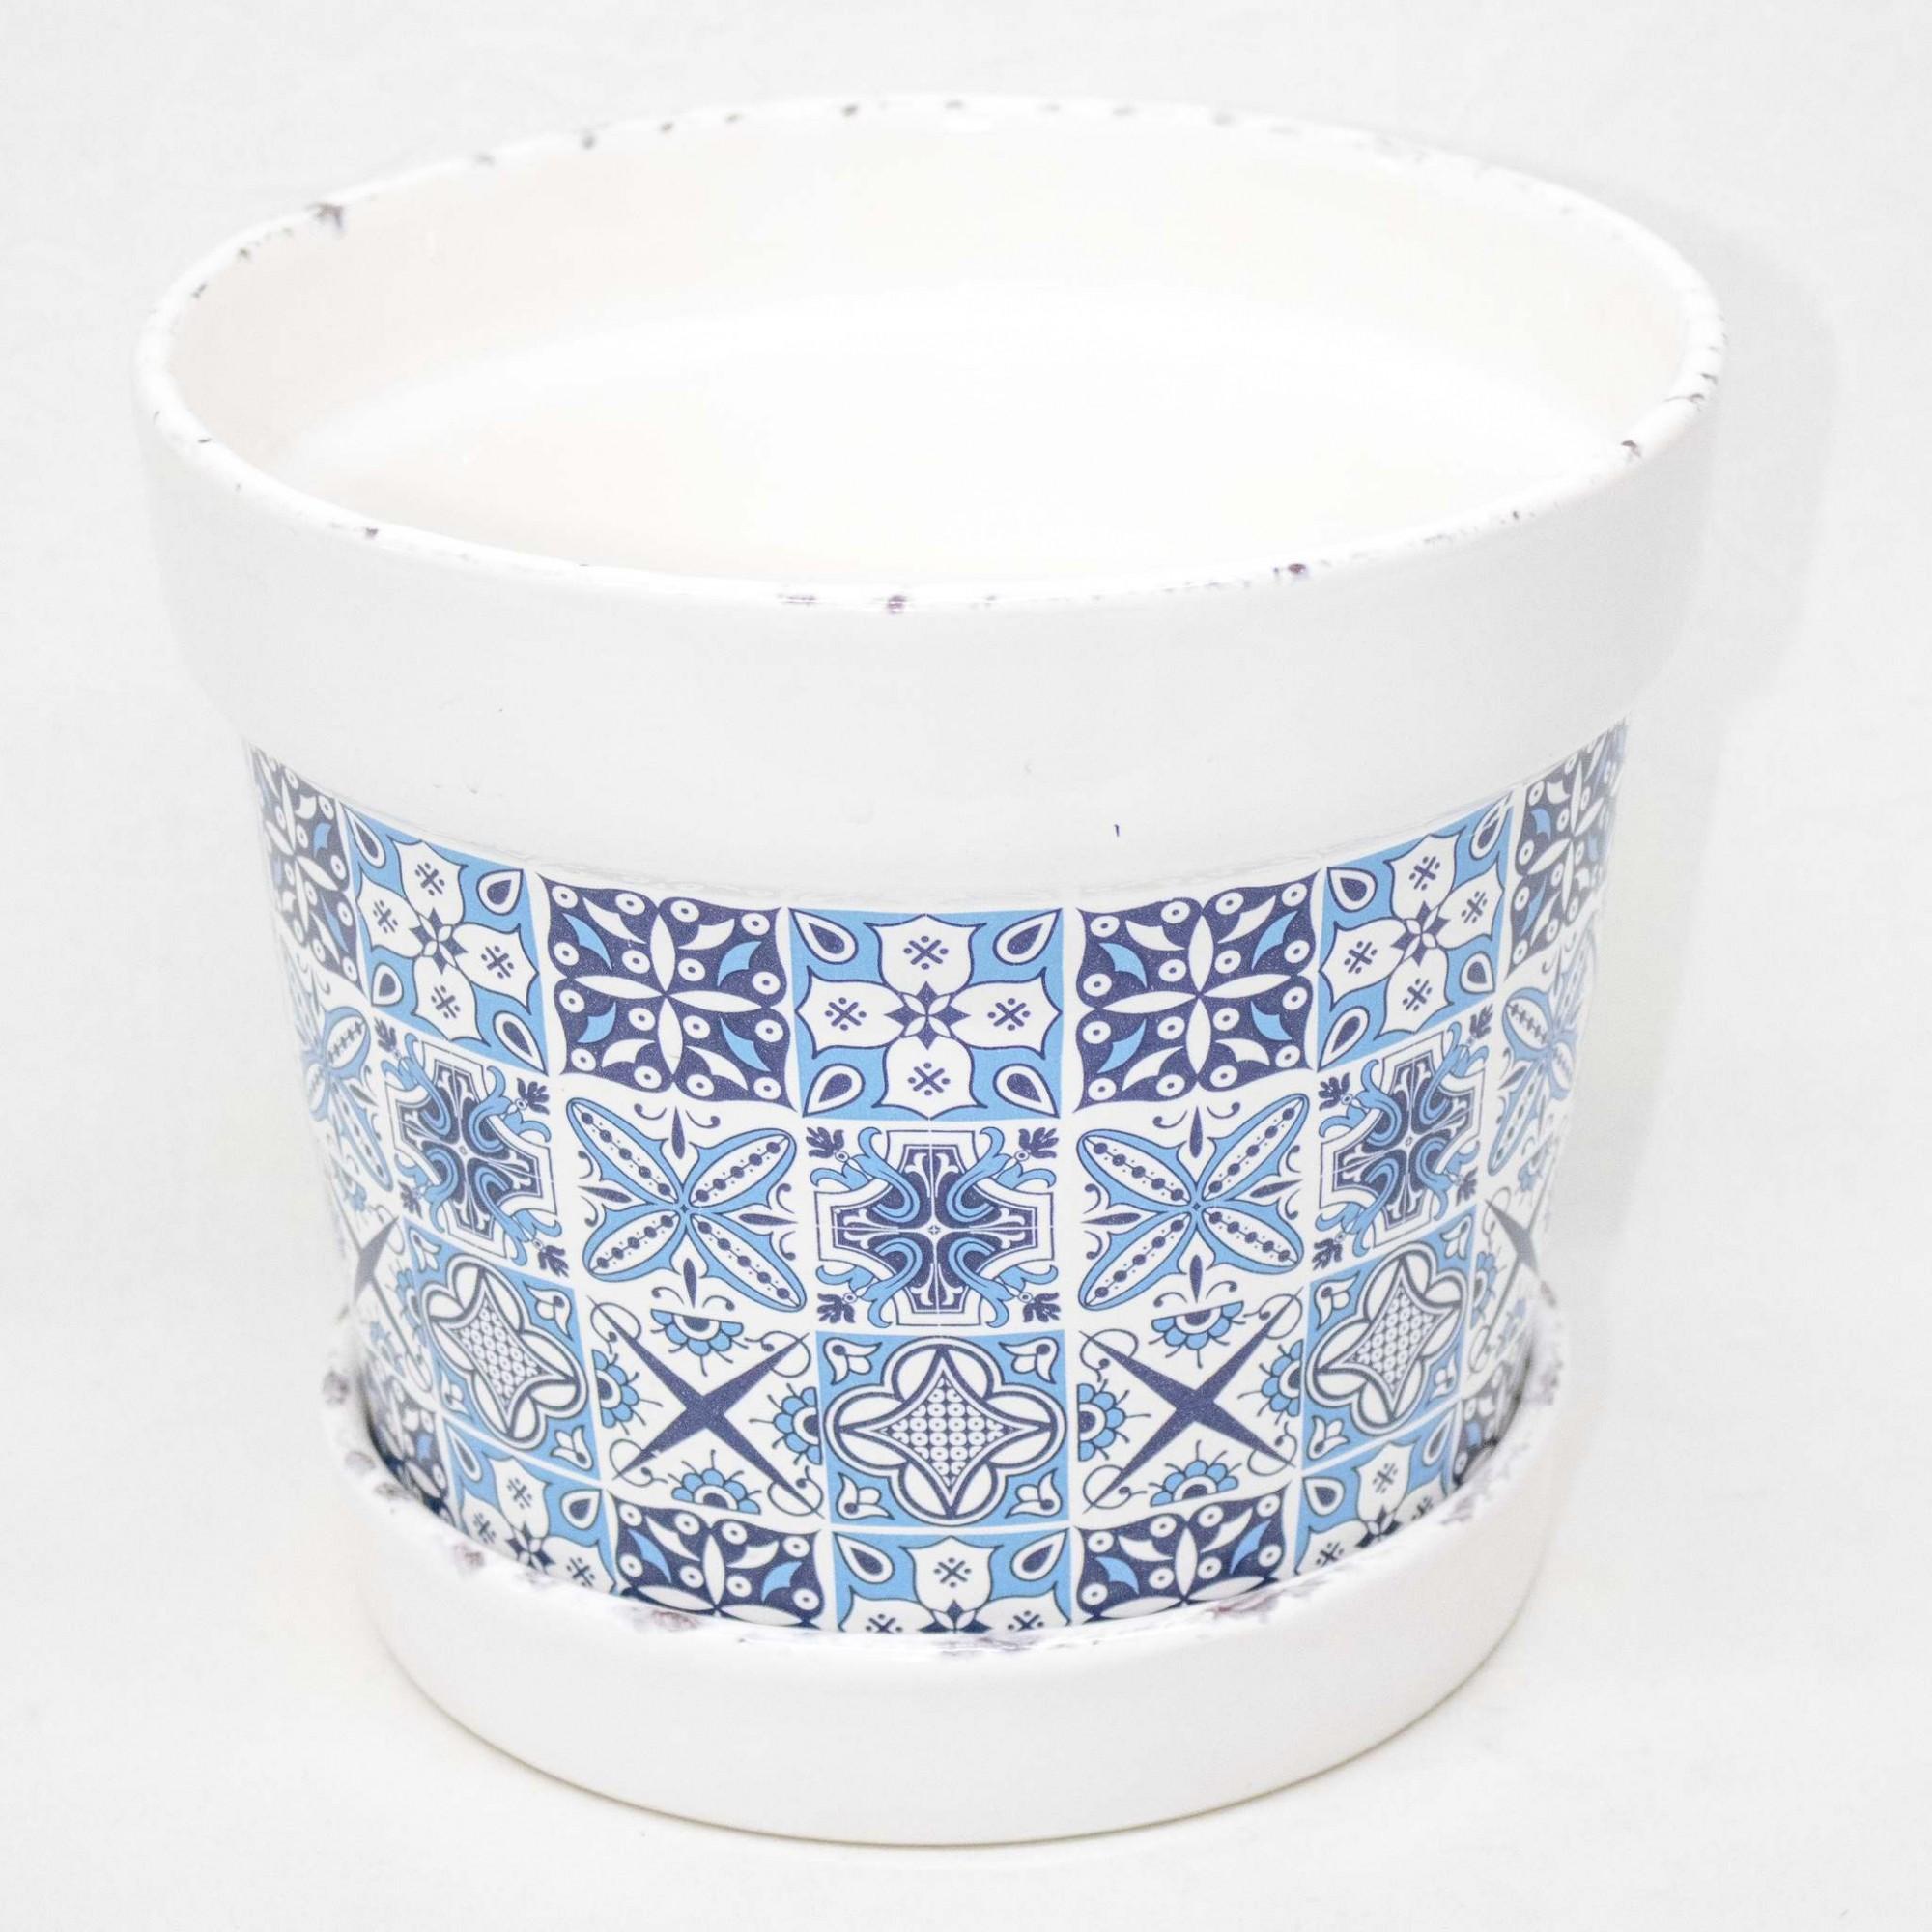 Cachepo N3 C/ Borda E Prato Esmaltado - Azul/Branco